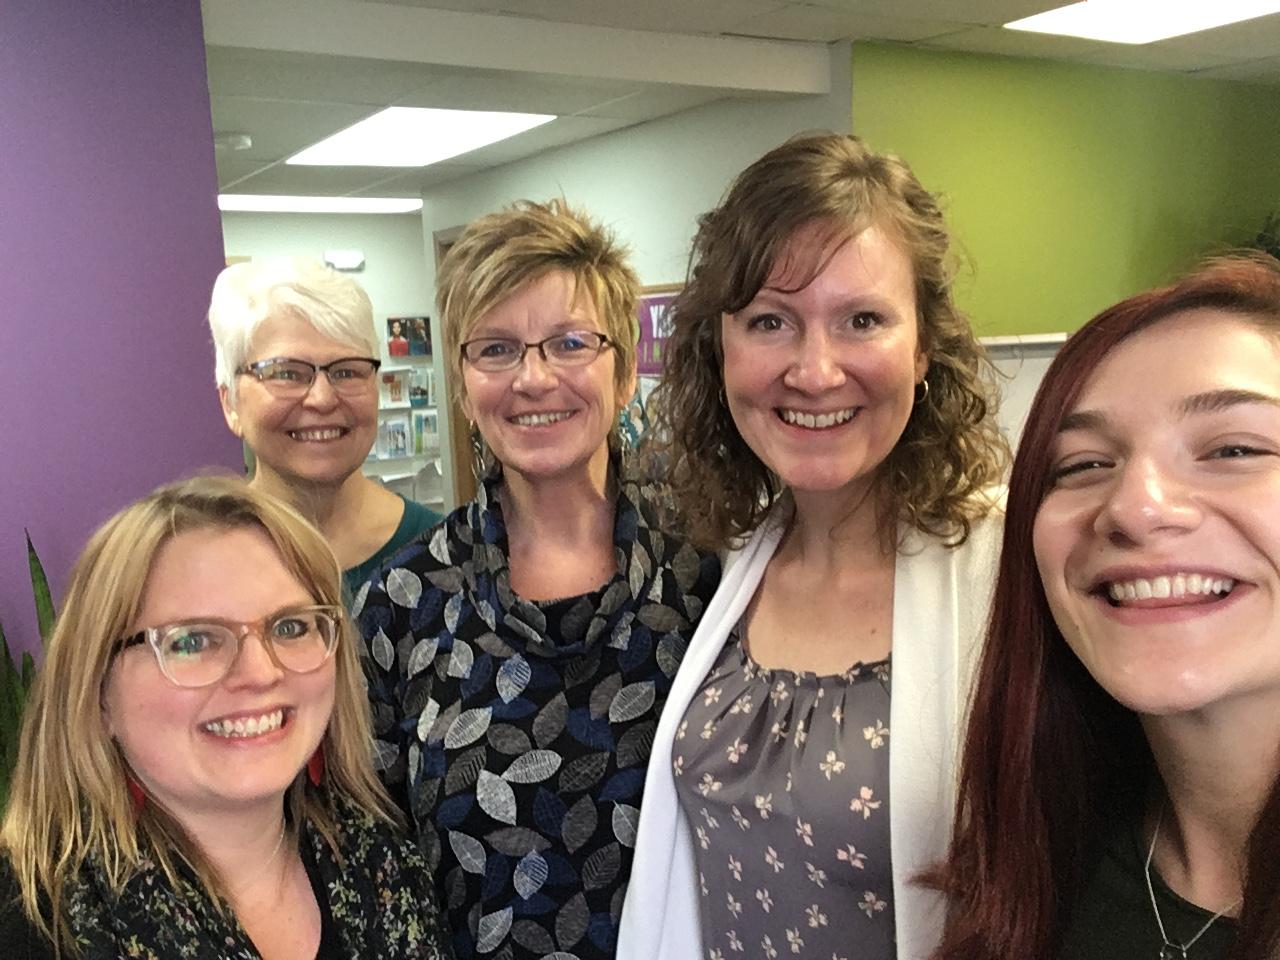 Strong Women: WeARE Clinic in Brainerd, MN